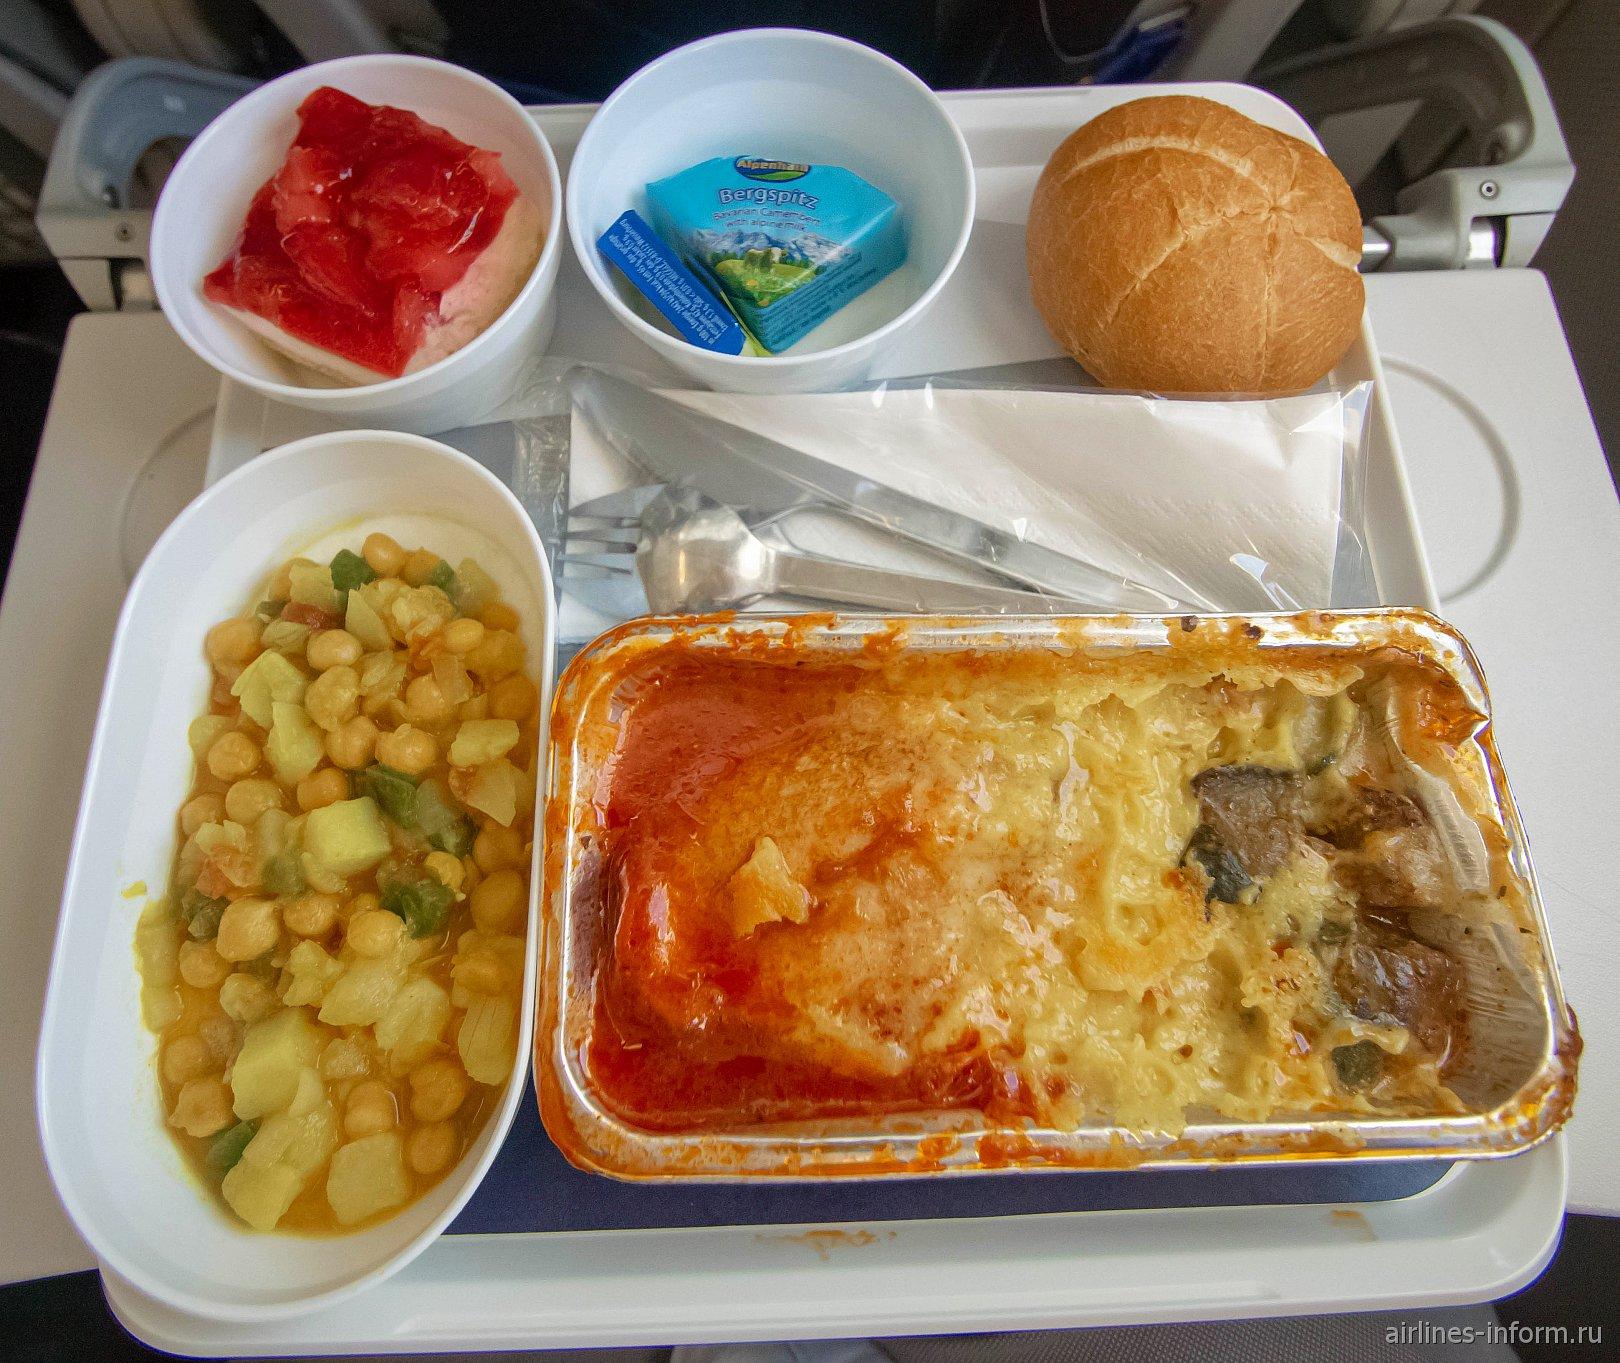 Горячий обед в эконом-классе на рейсе Москва - Франкфурт авиакомпании Lufthansa